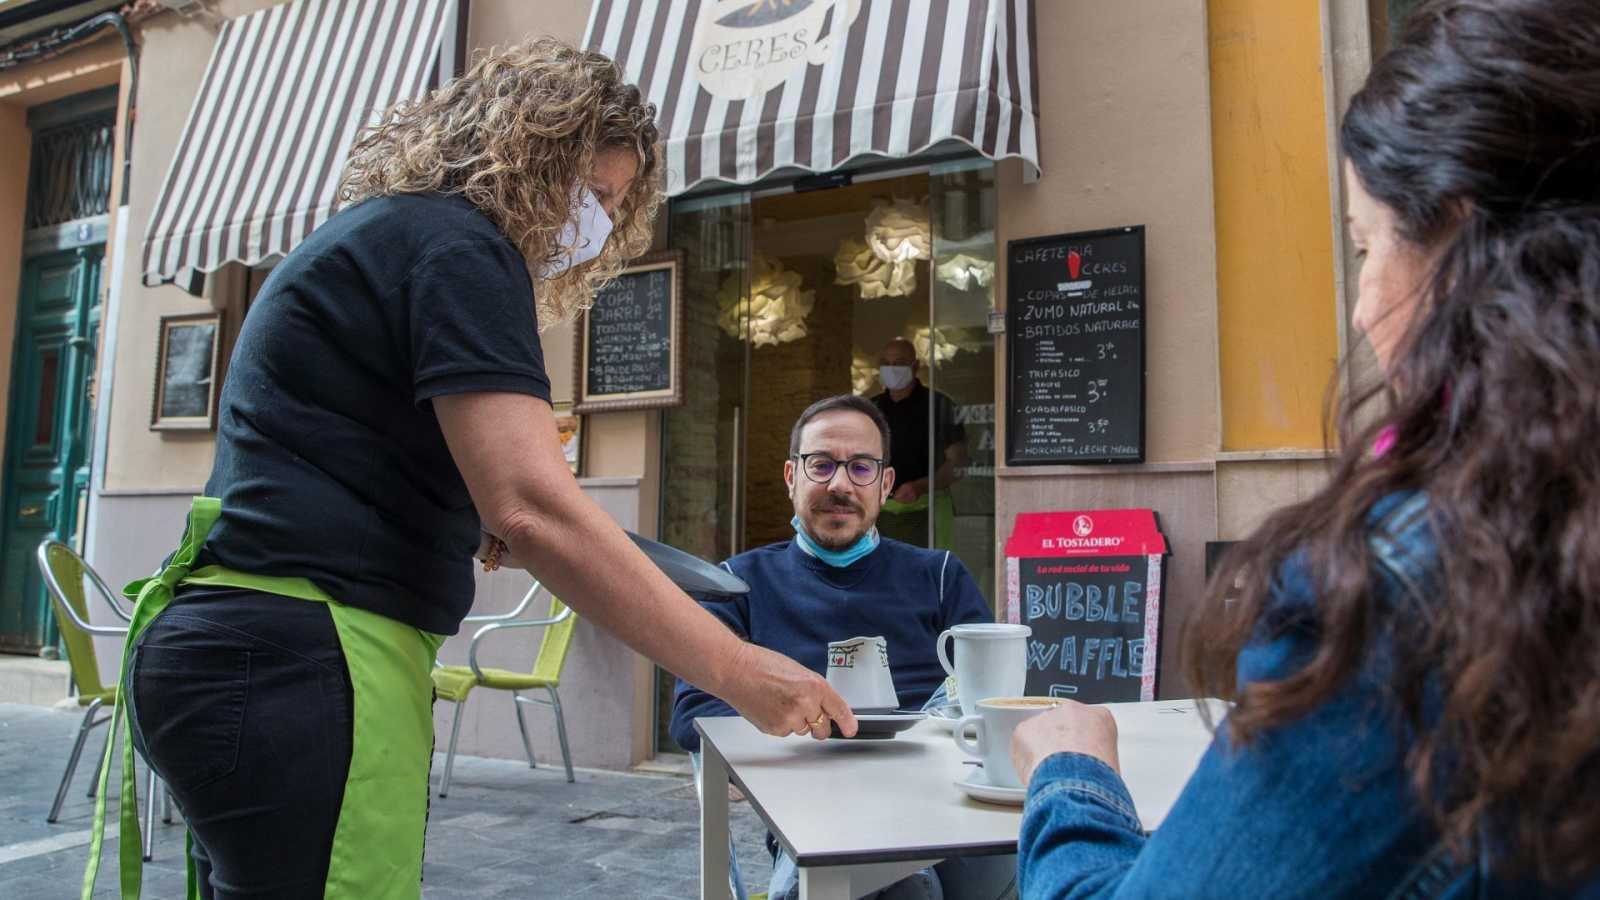 Una camarera atiende a una pareja en la terraza de una cafetería en Zaragoza